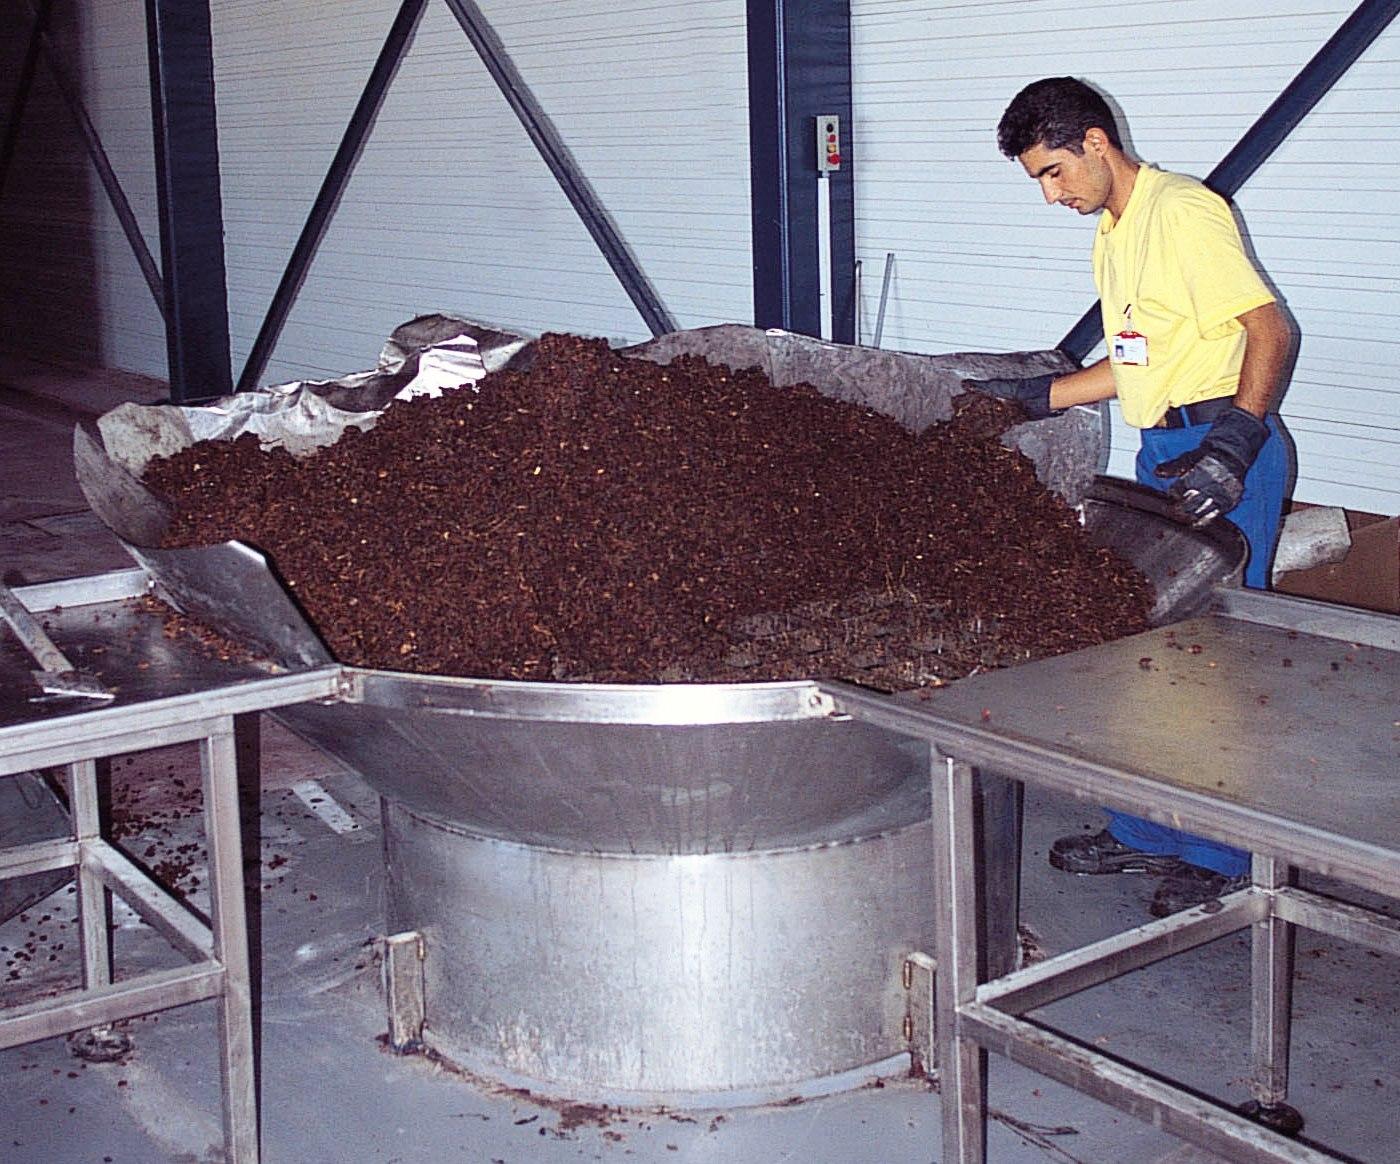 Dünya ikincisi olduğumuz kuru üzümden katma değeri bir tek rakı üretiminde elde ediyoruz.